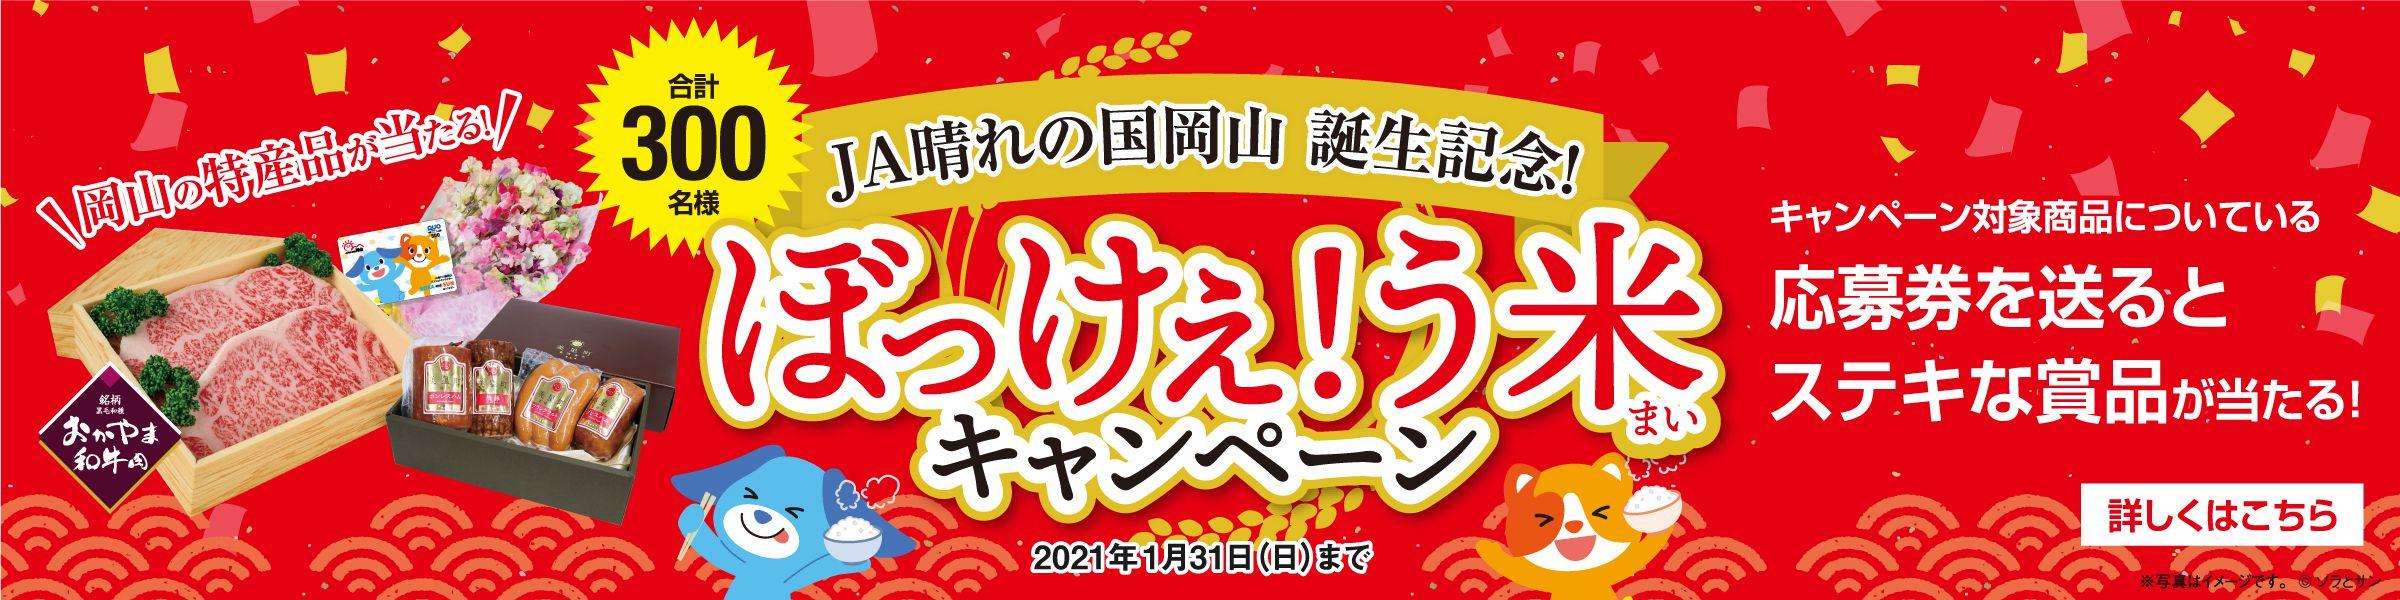 JA晴れの国岡山誕生記念! ぼっけぇ!う米キャンペーン